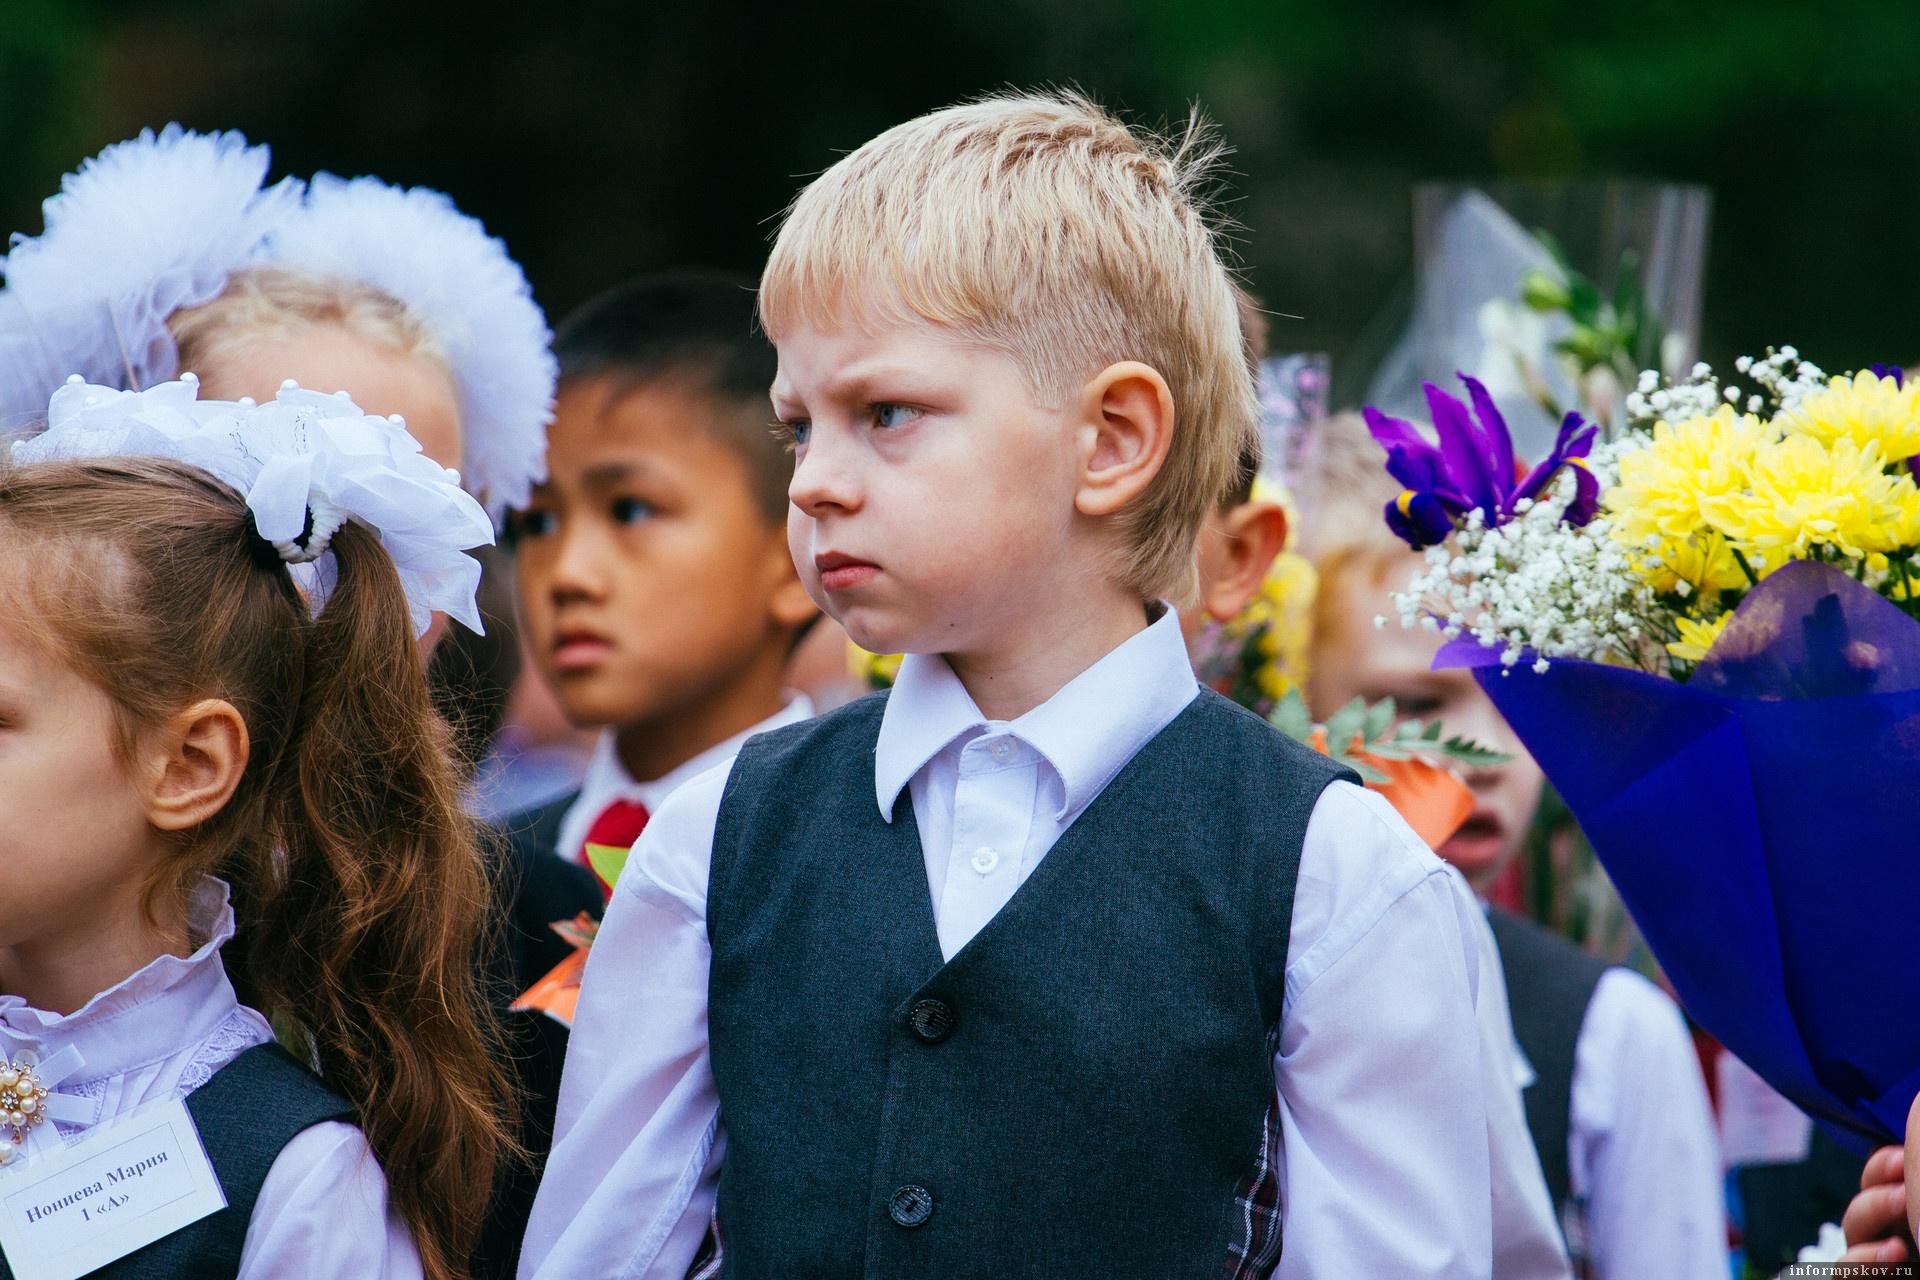 Традиционных линеек в Псковской области 1 сентября не будет. Фото Александра Сидоренко.